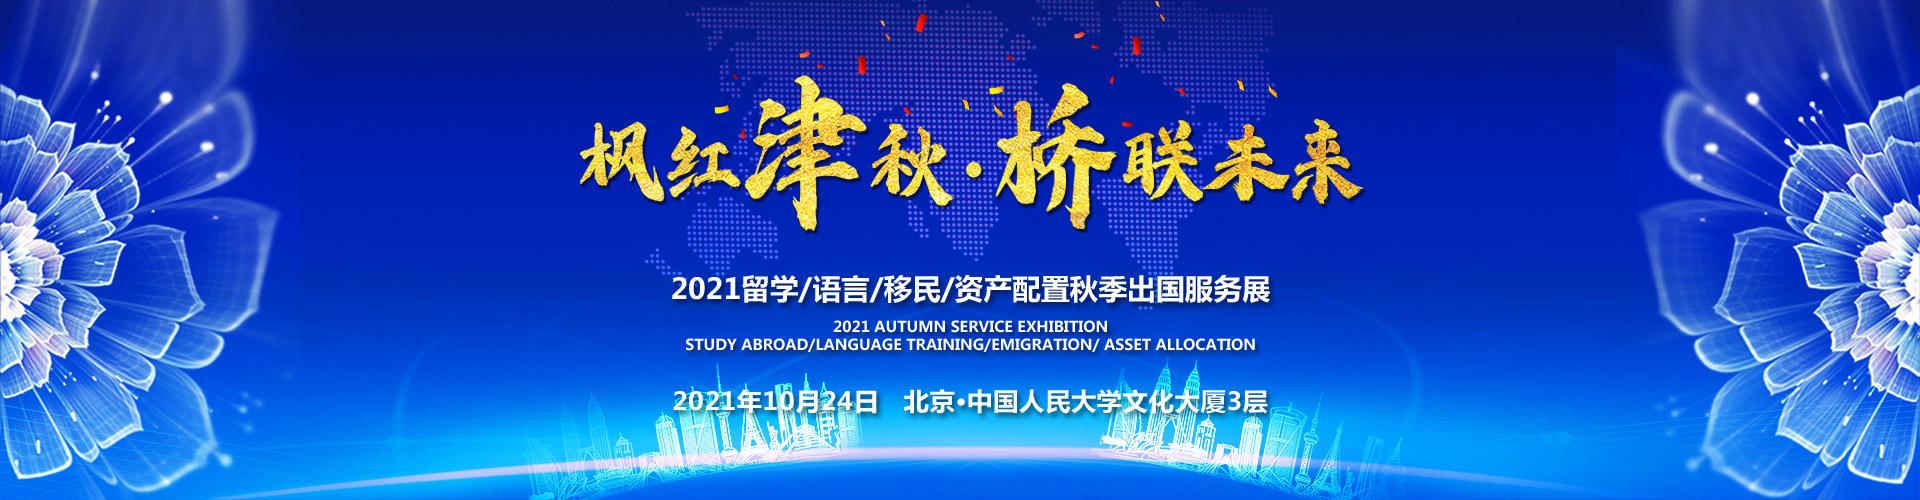 枫红津秋·桥联未来